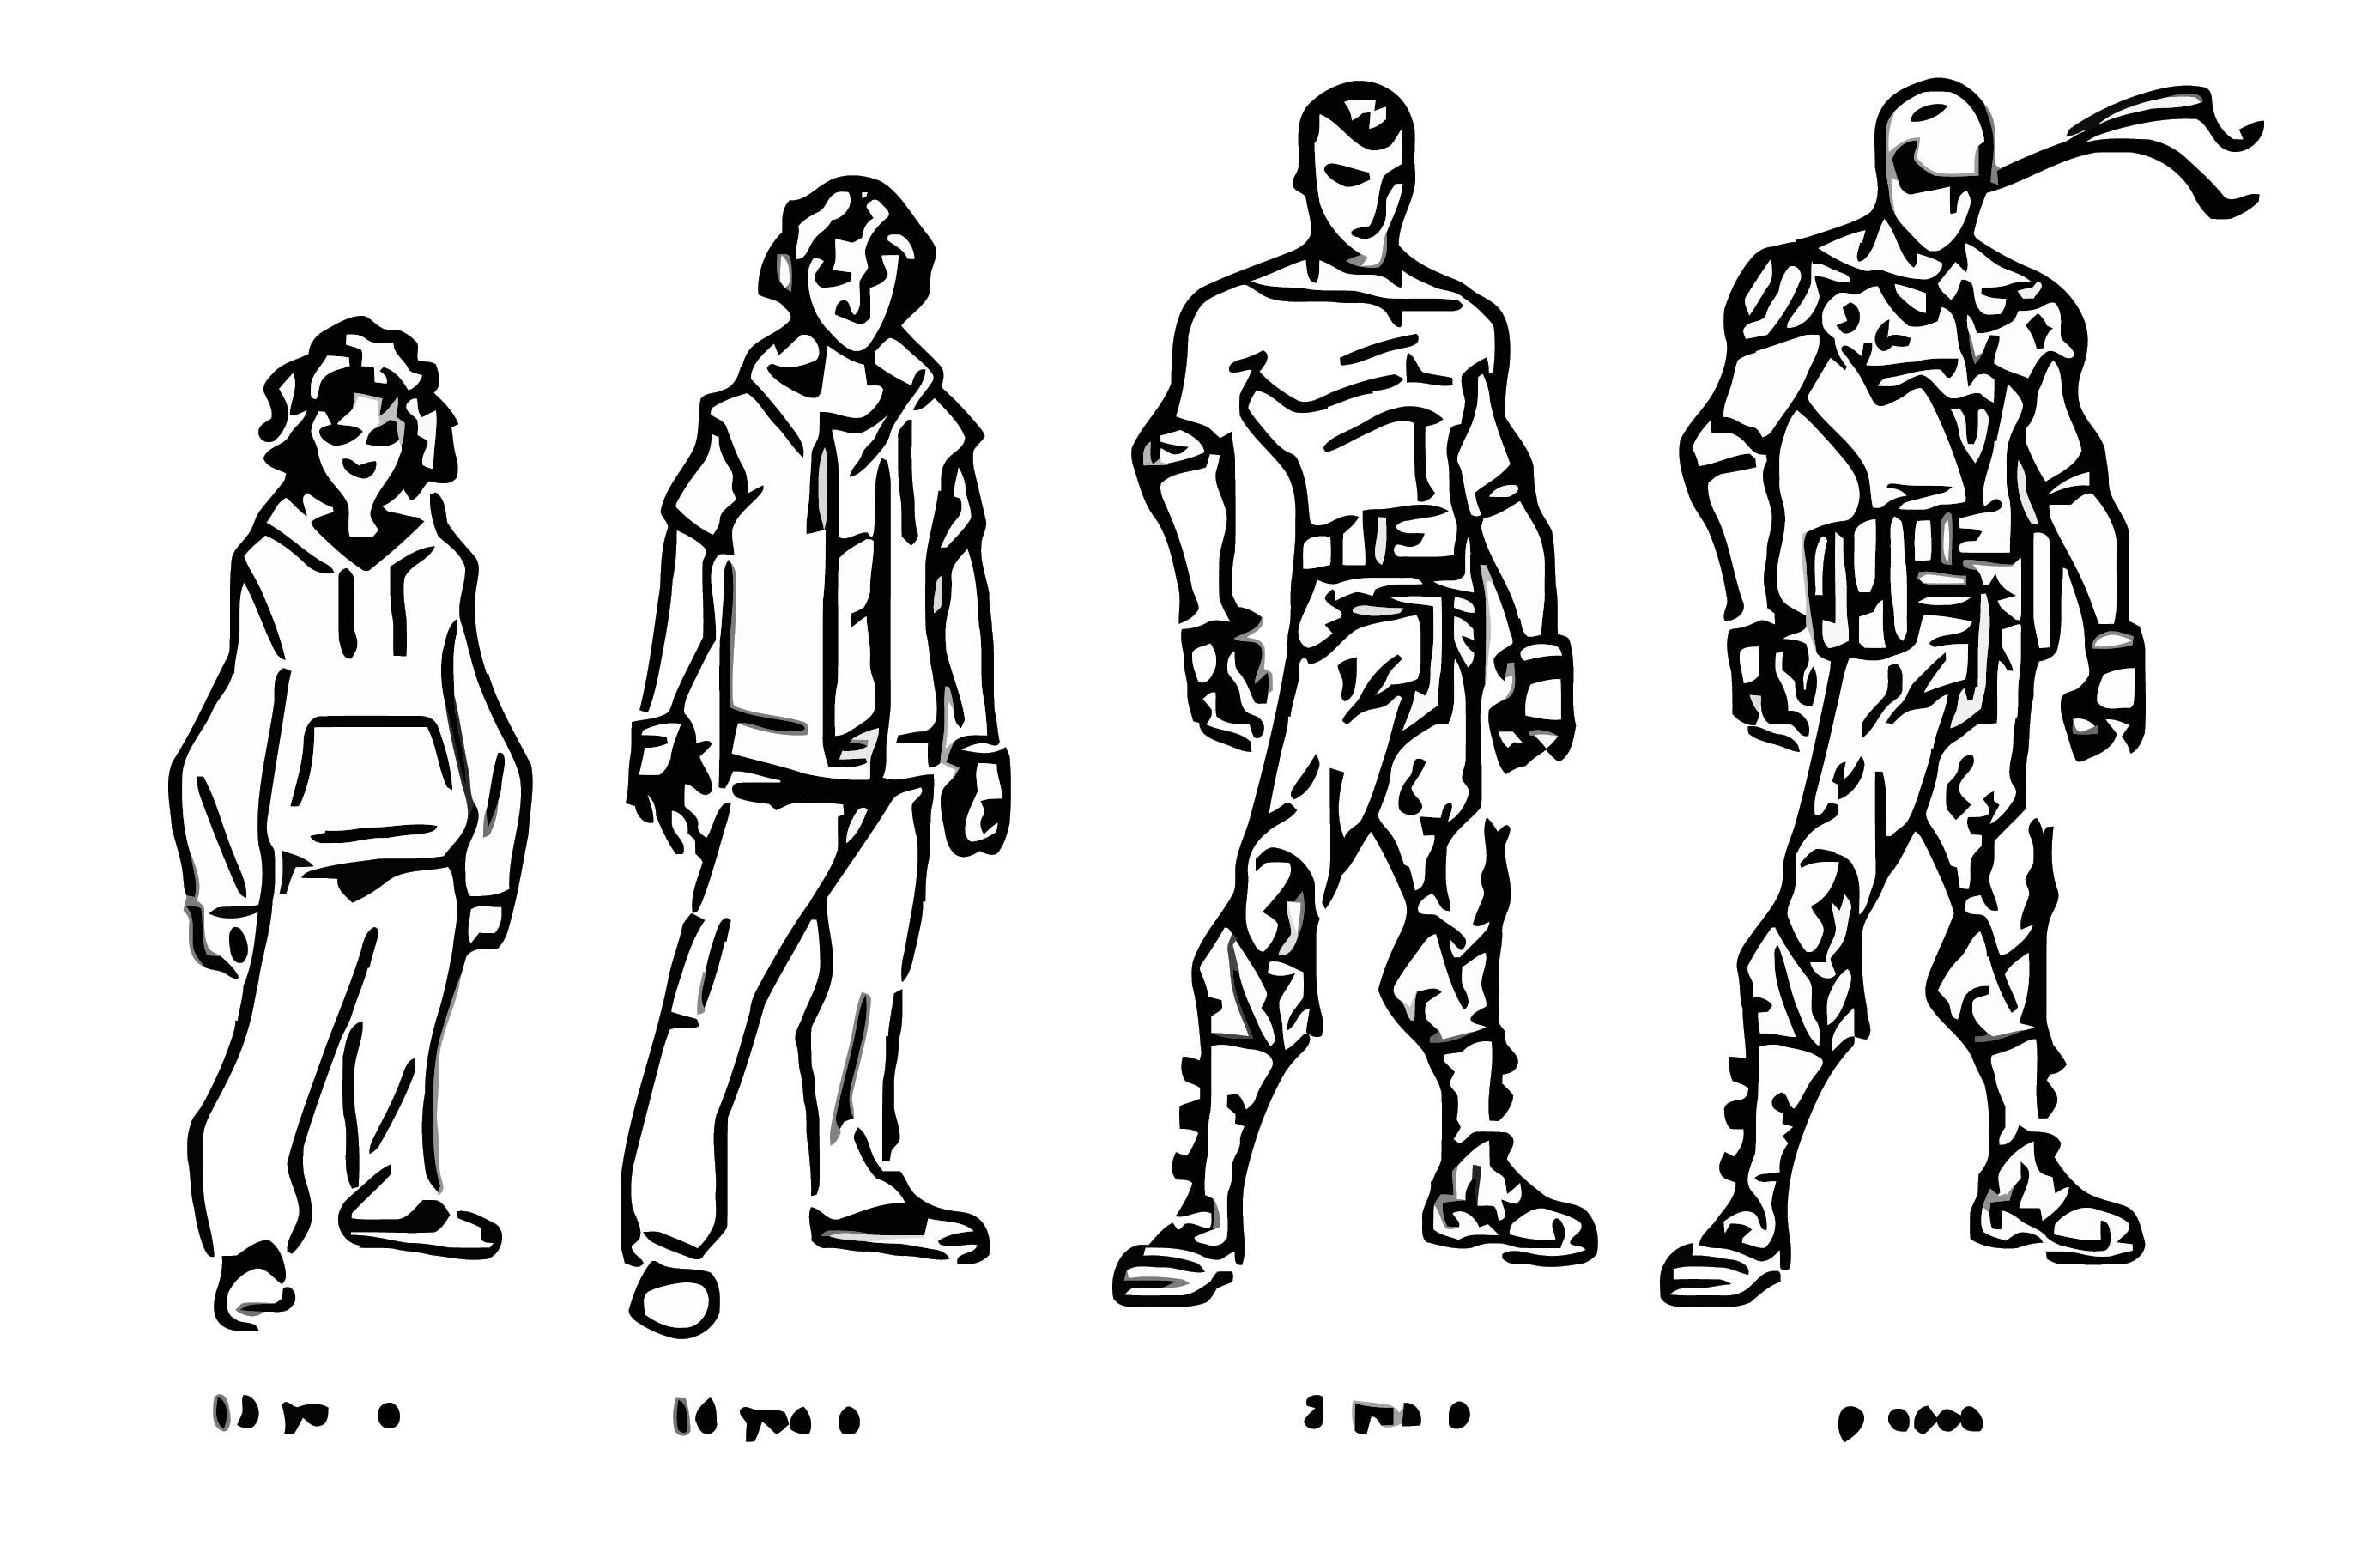 Nightrunner Character Design Trevormc112 D34l8lt Cartoonize Coloring Page